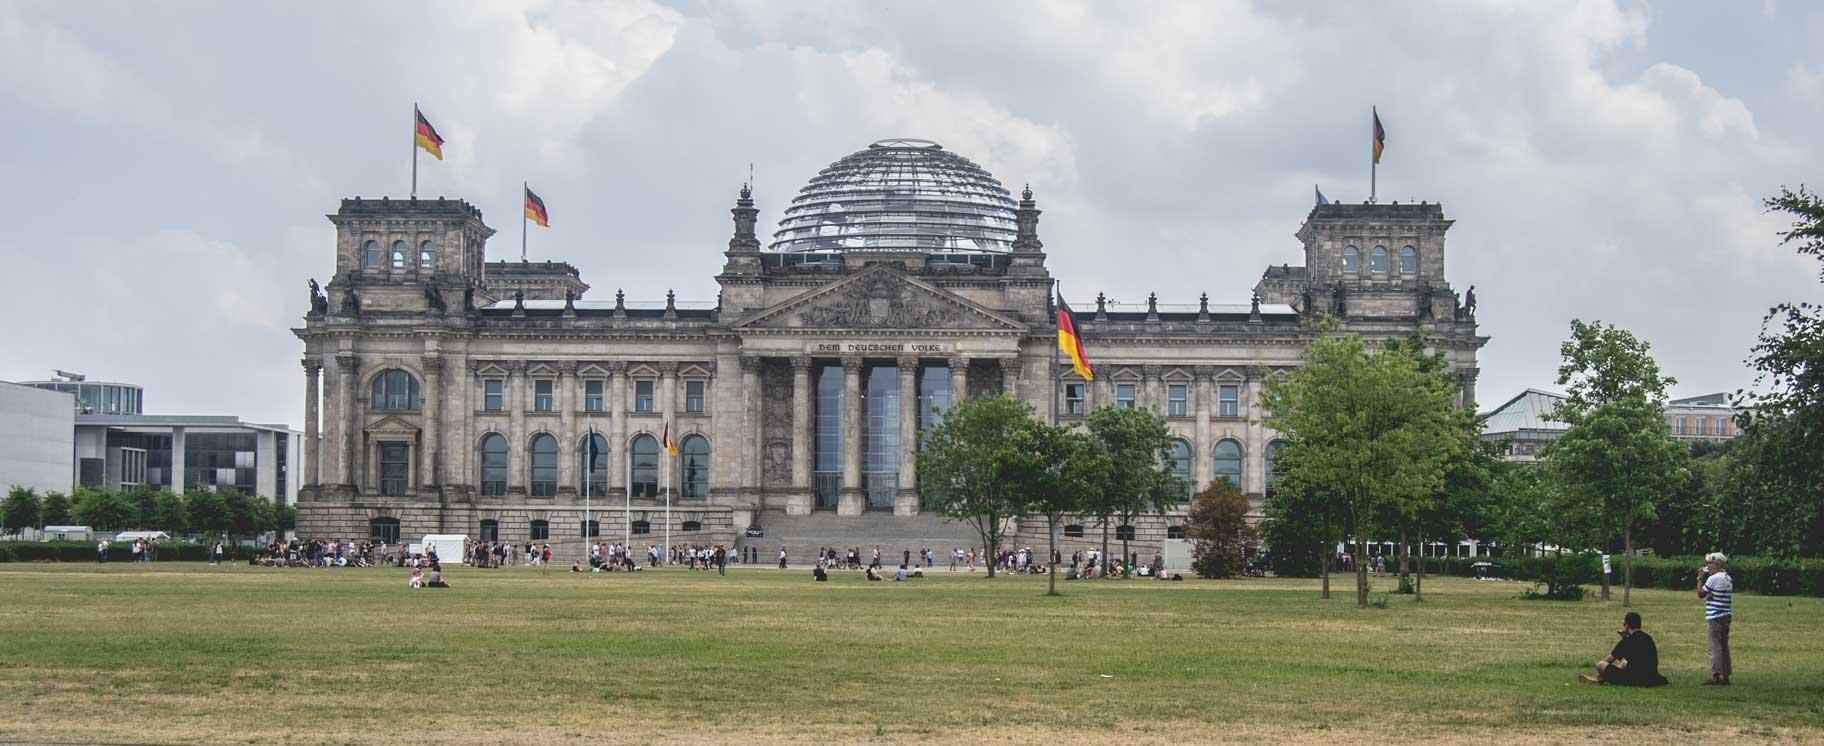 El edificio del Reichstag